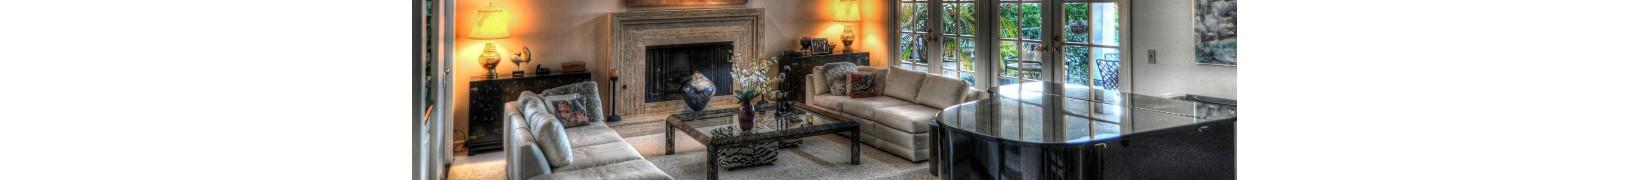 Home decor do salonu. Artykuły do Twojego reprezentacyjnego pokoju